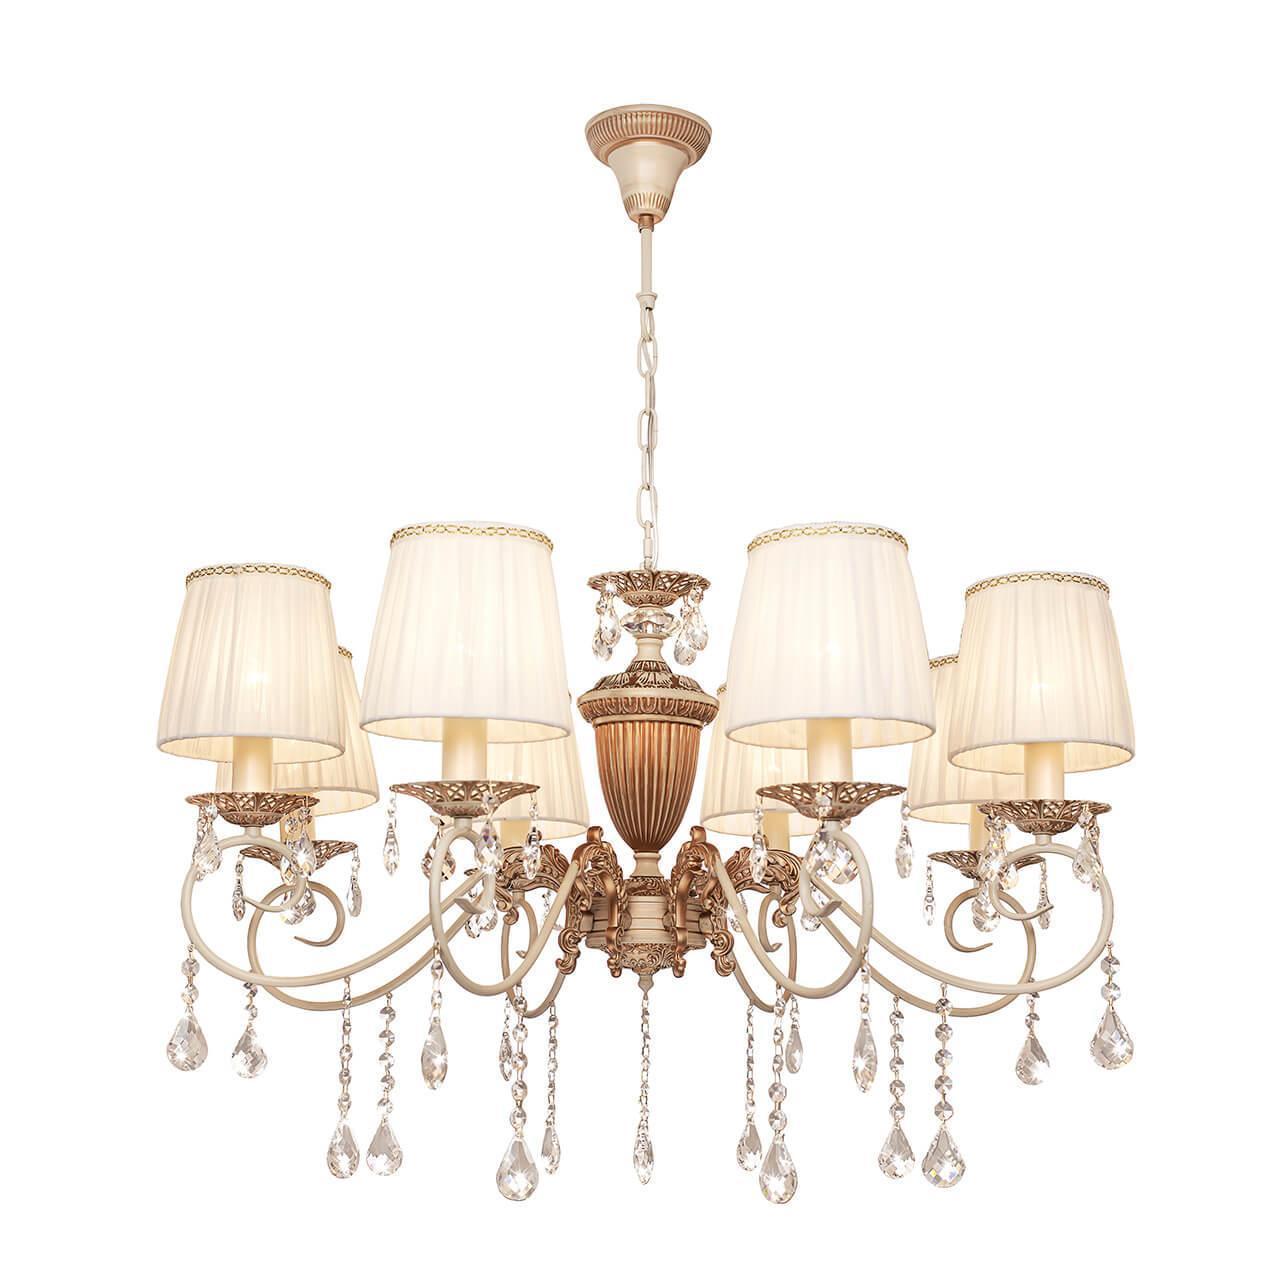 Подвесной светильник Silver Light 731.51.8, E14, 60 Вт бра silver light серия pallada цвет белая золтая патина 1xe14x60w 731 41 1